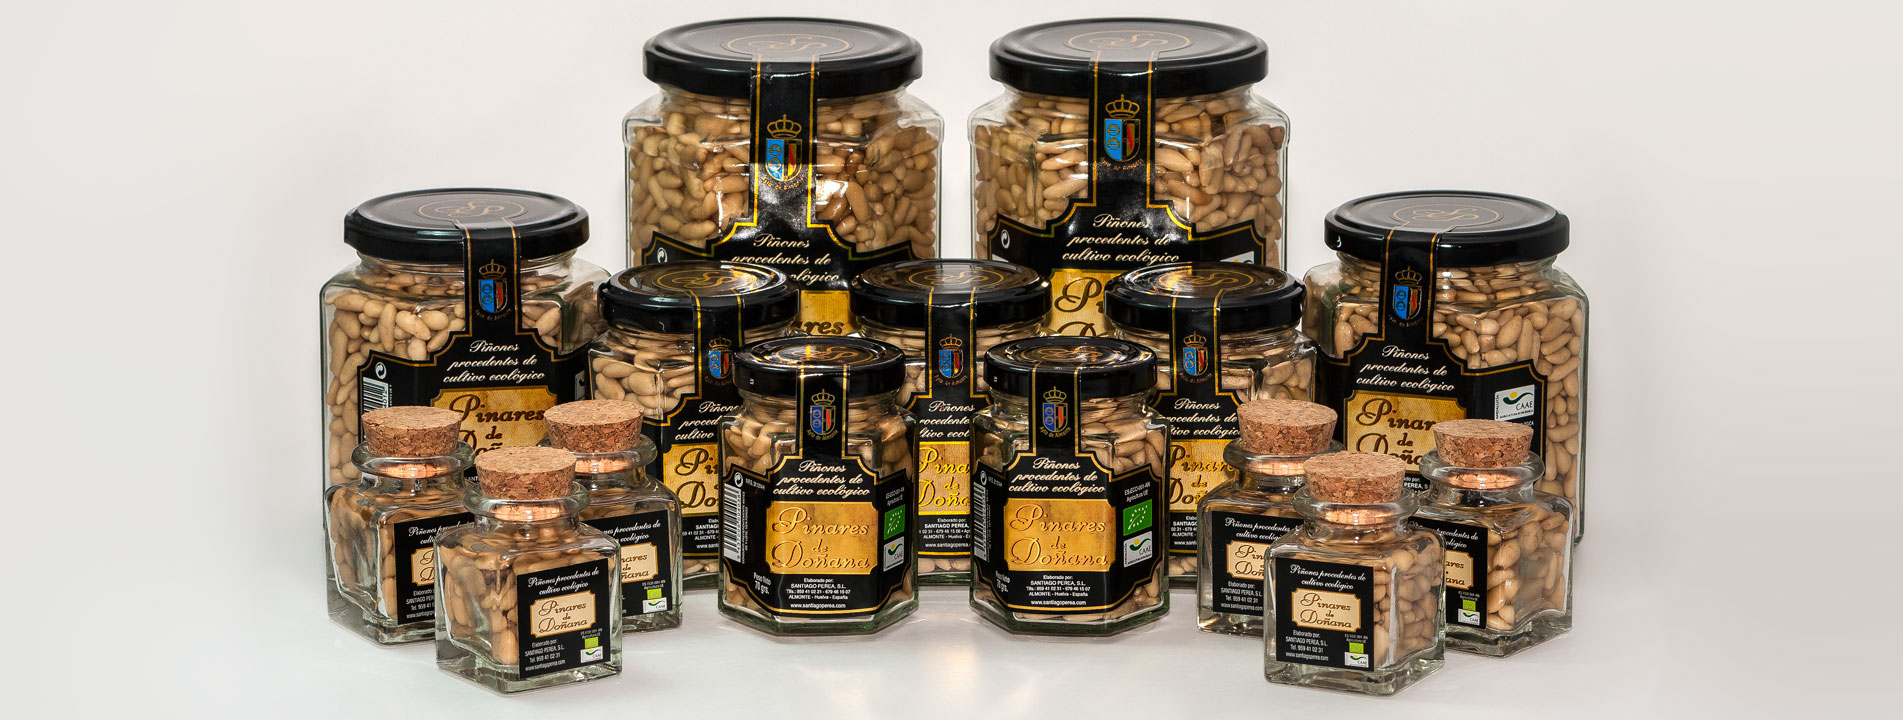 Productos Pinares de Doñana